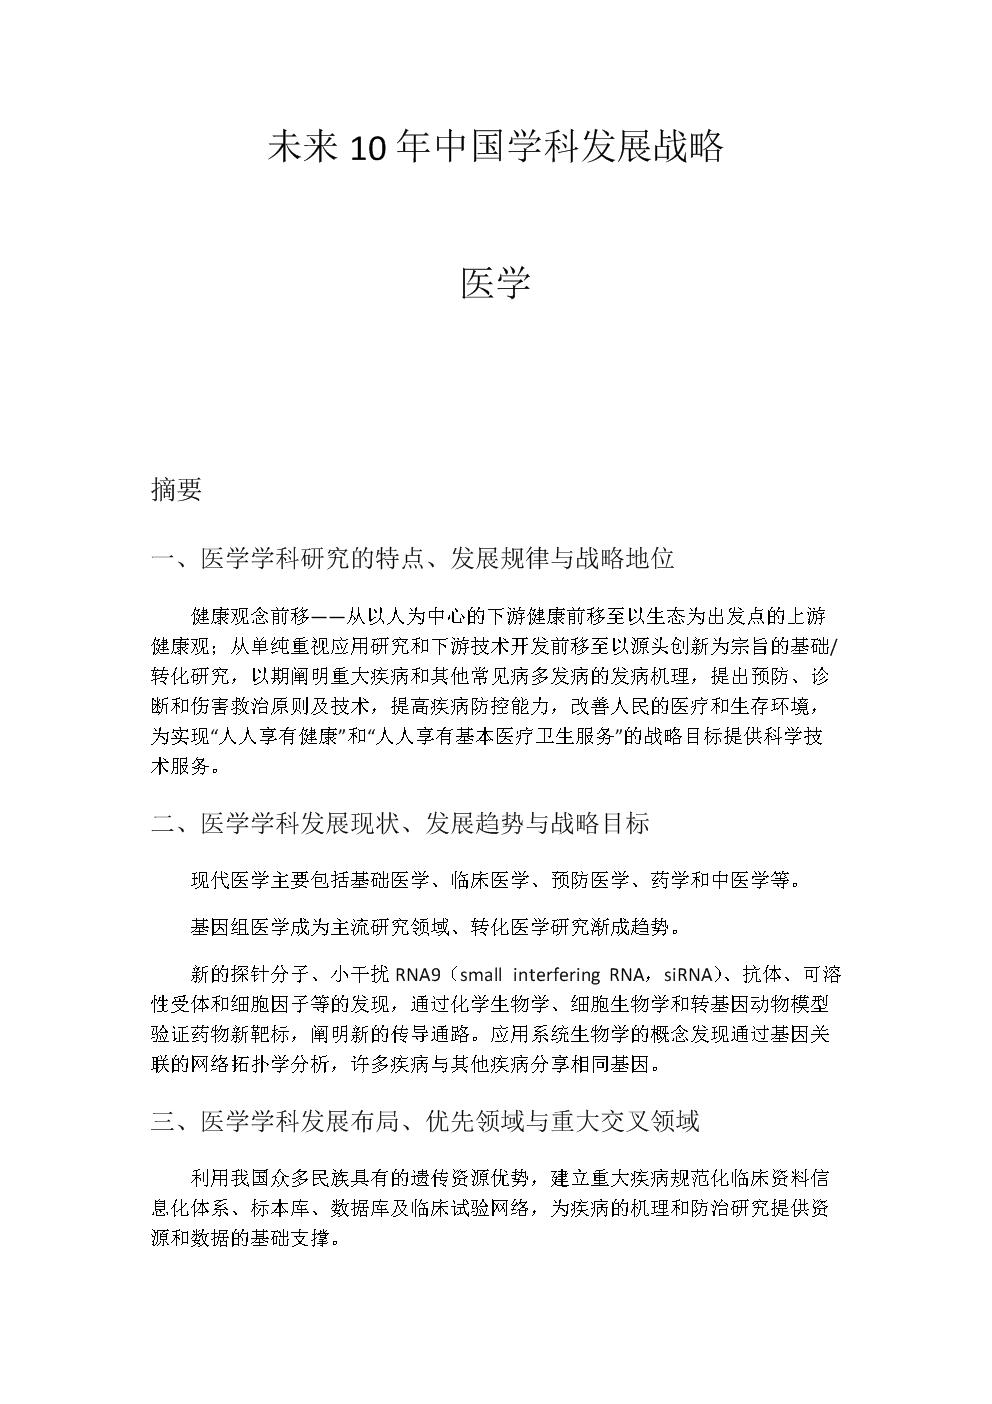 未来10年度中国学科发展战略 医学.doc